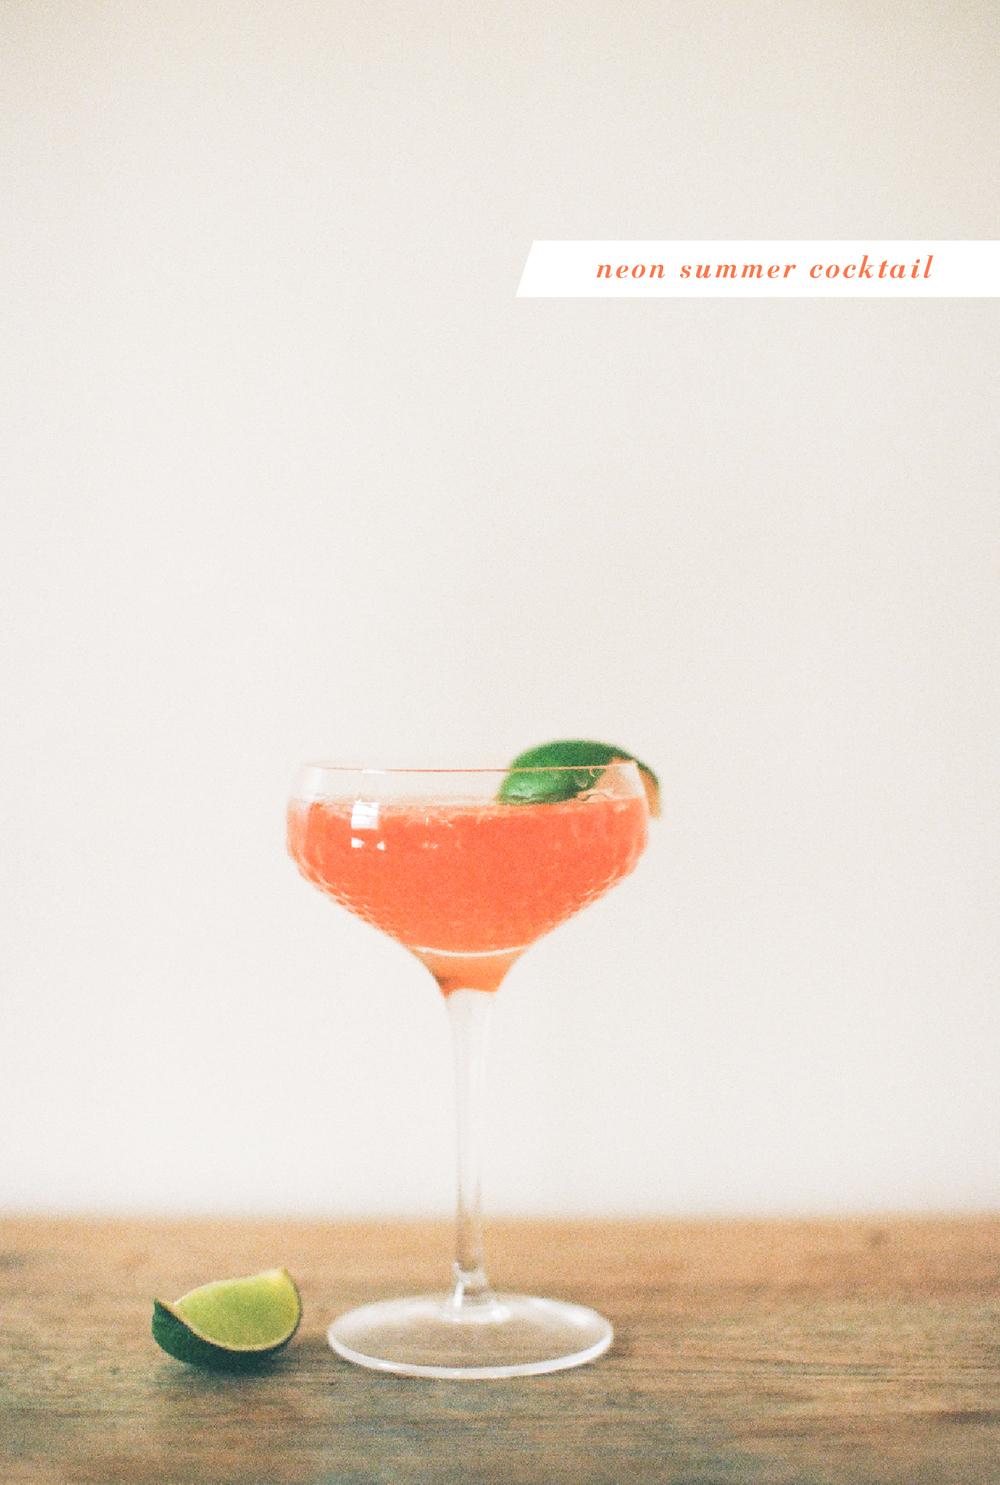 47 Recipe_Neon Summer Cocktail.jpg